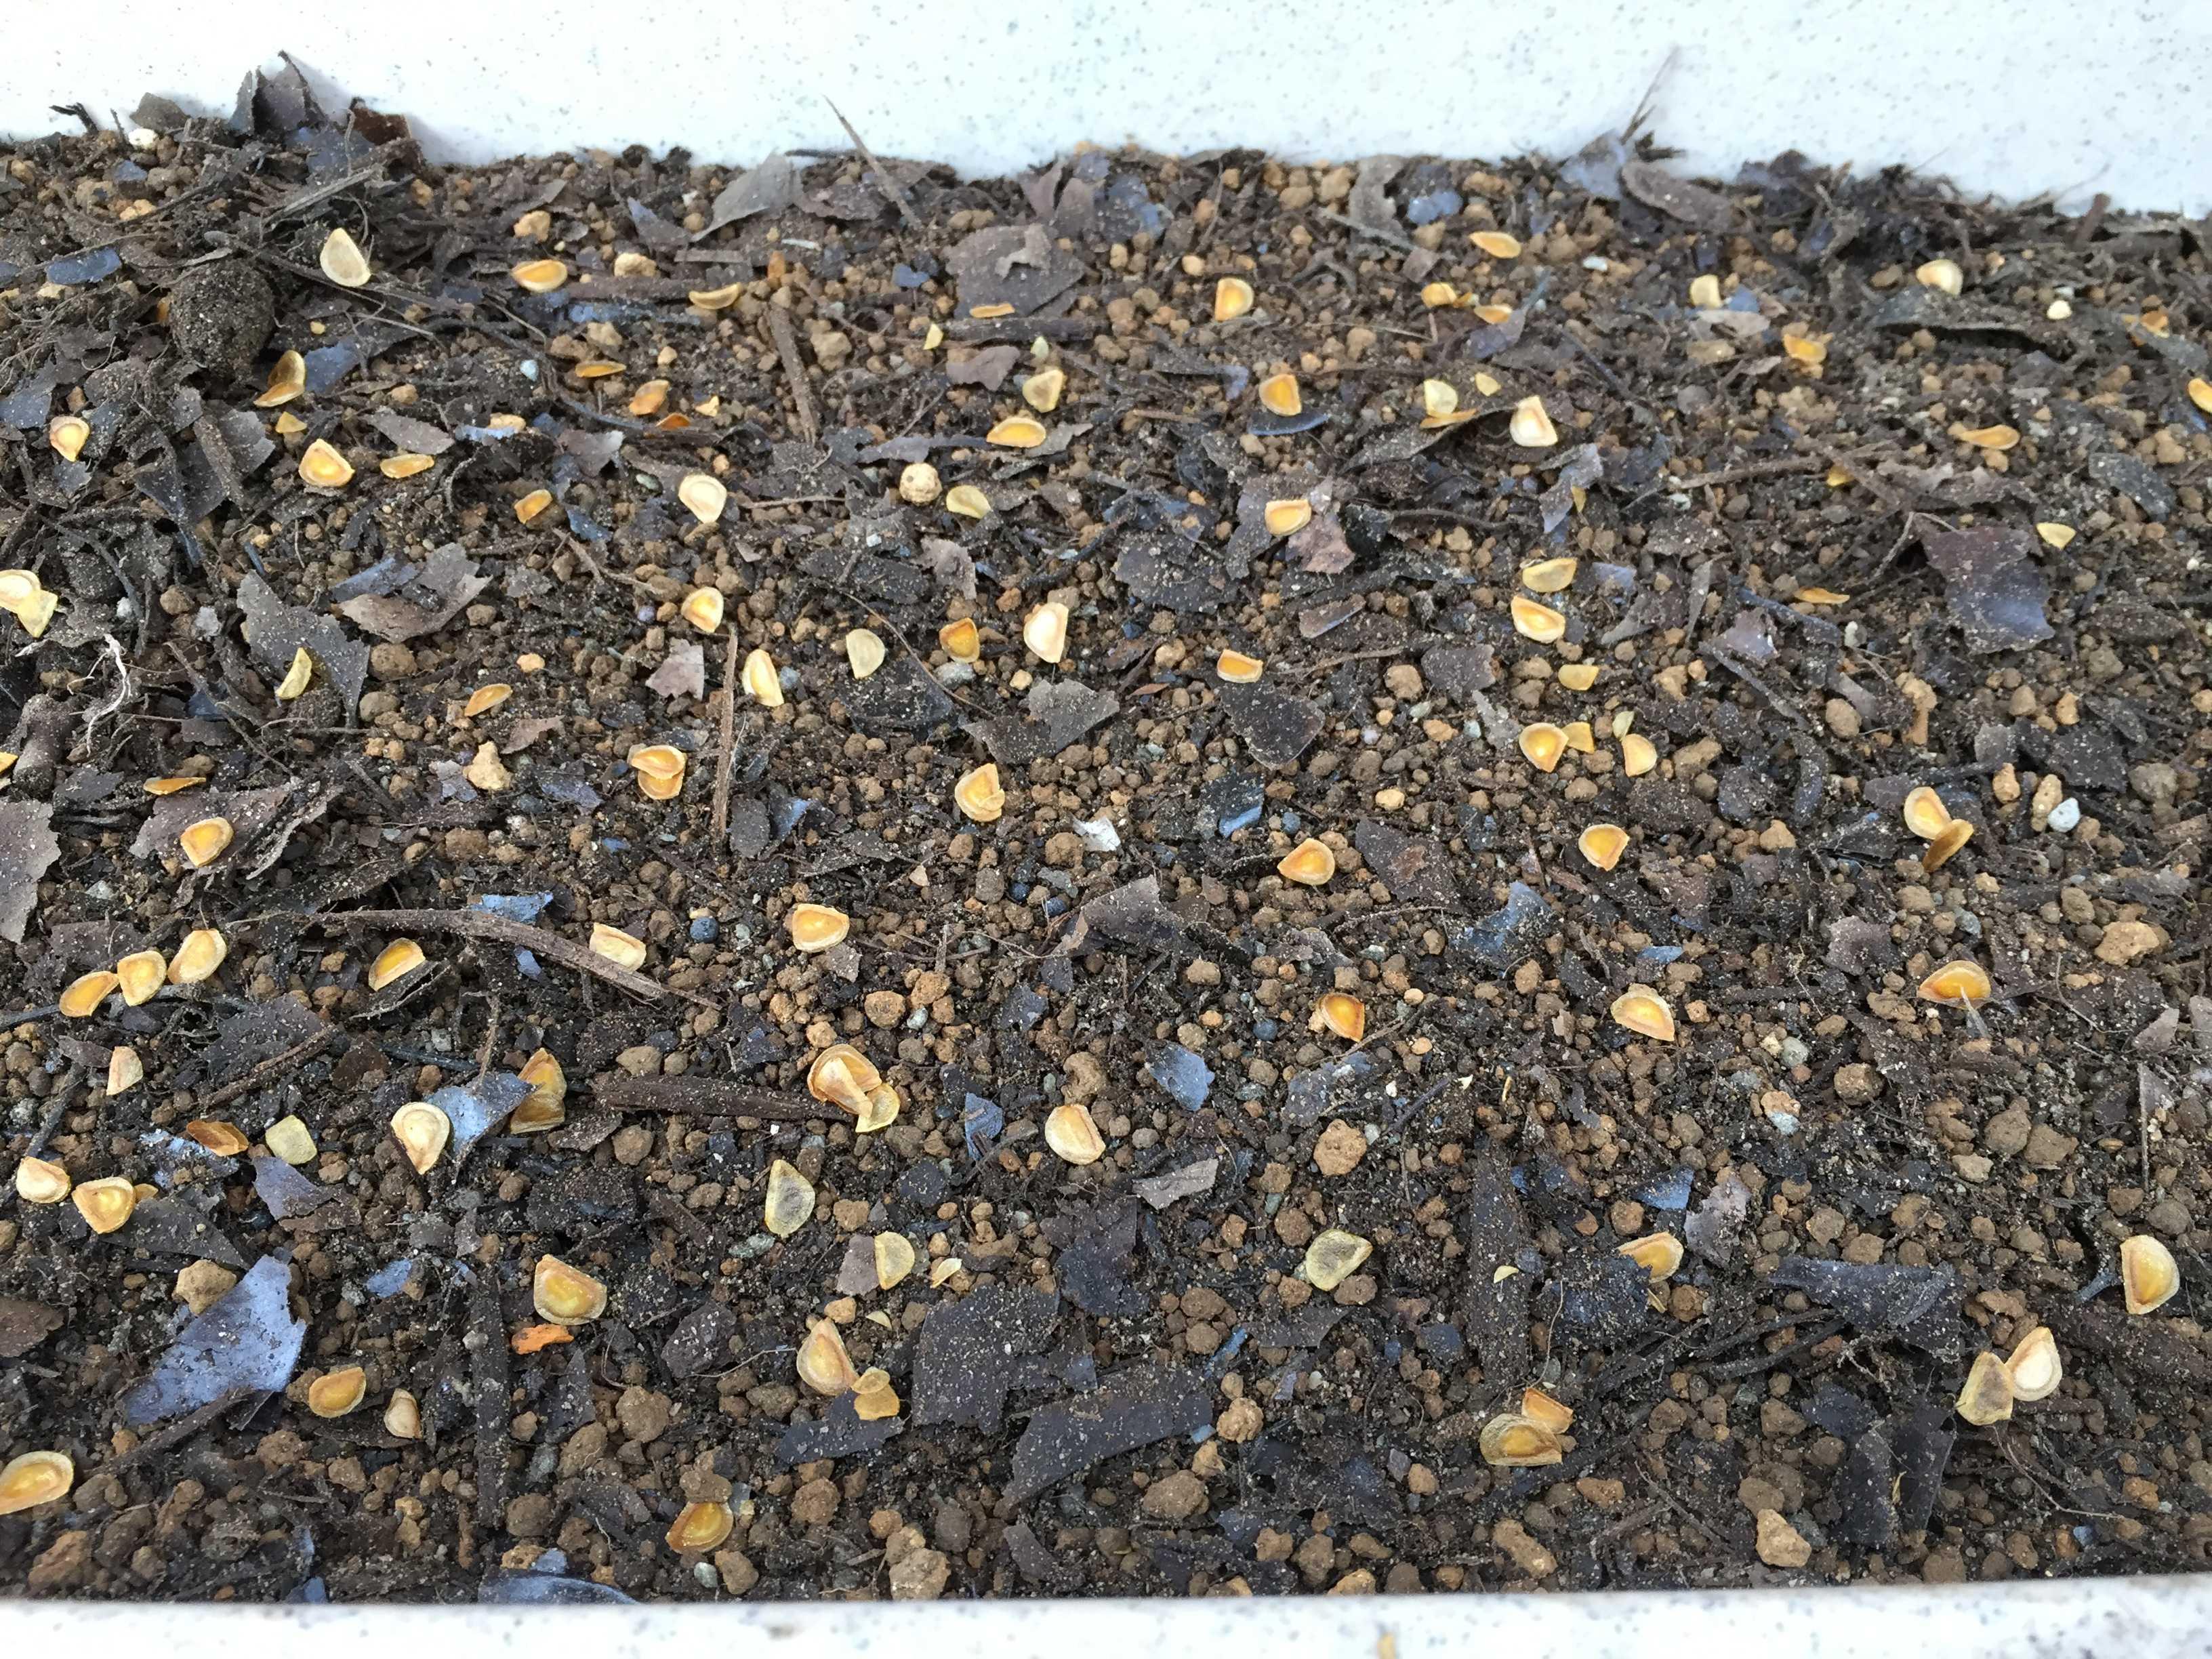 ヤマユリの種子繁殖/実生 - 播かれたヤマユリのタネ